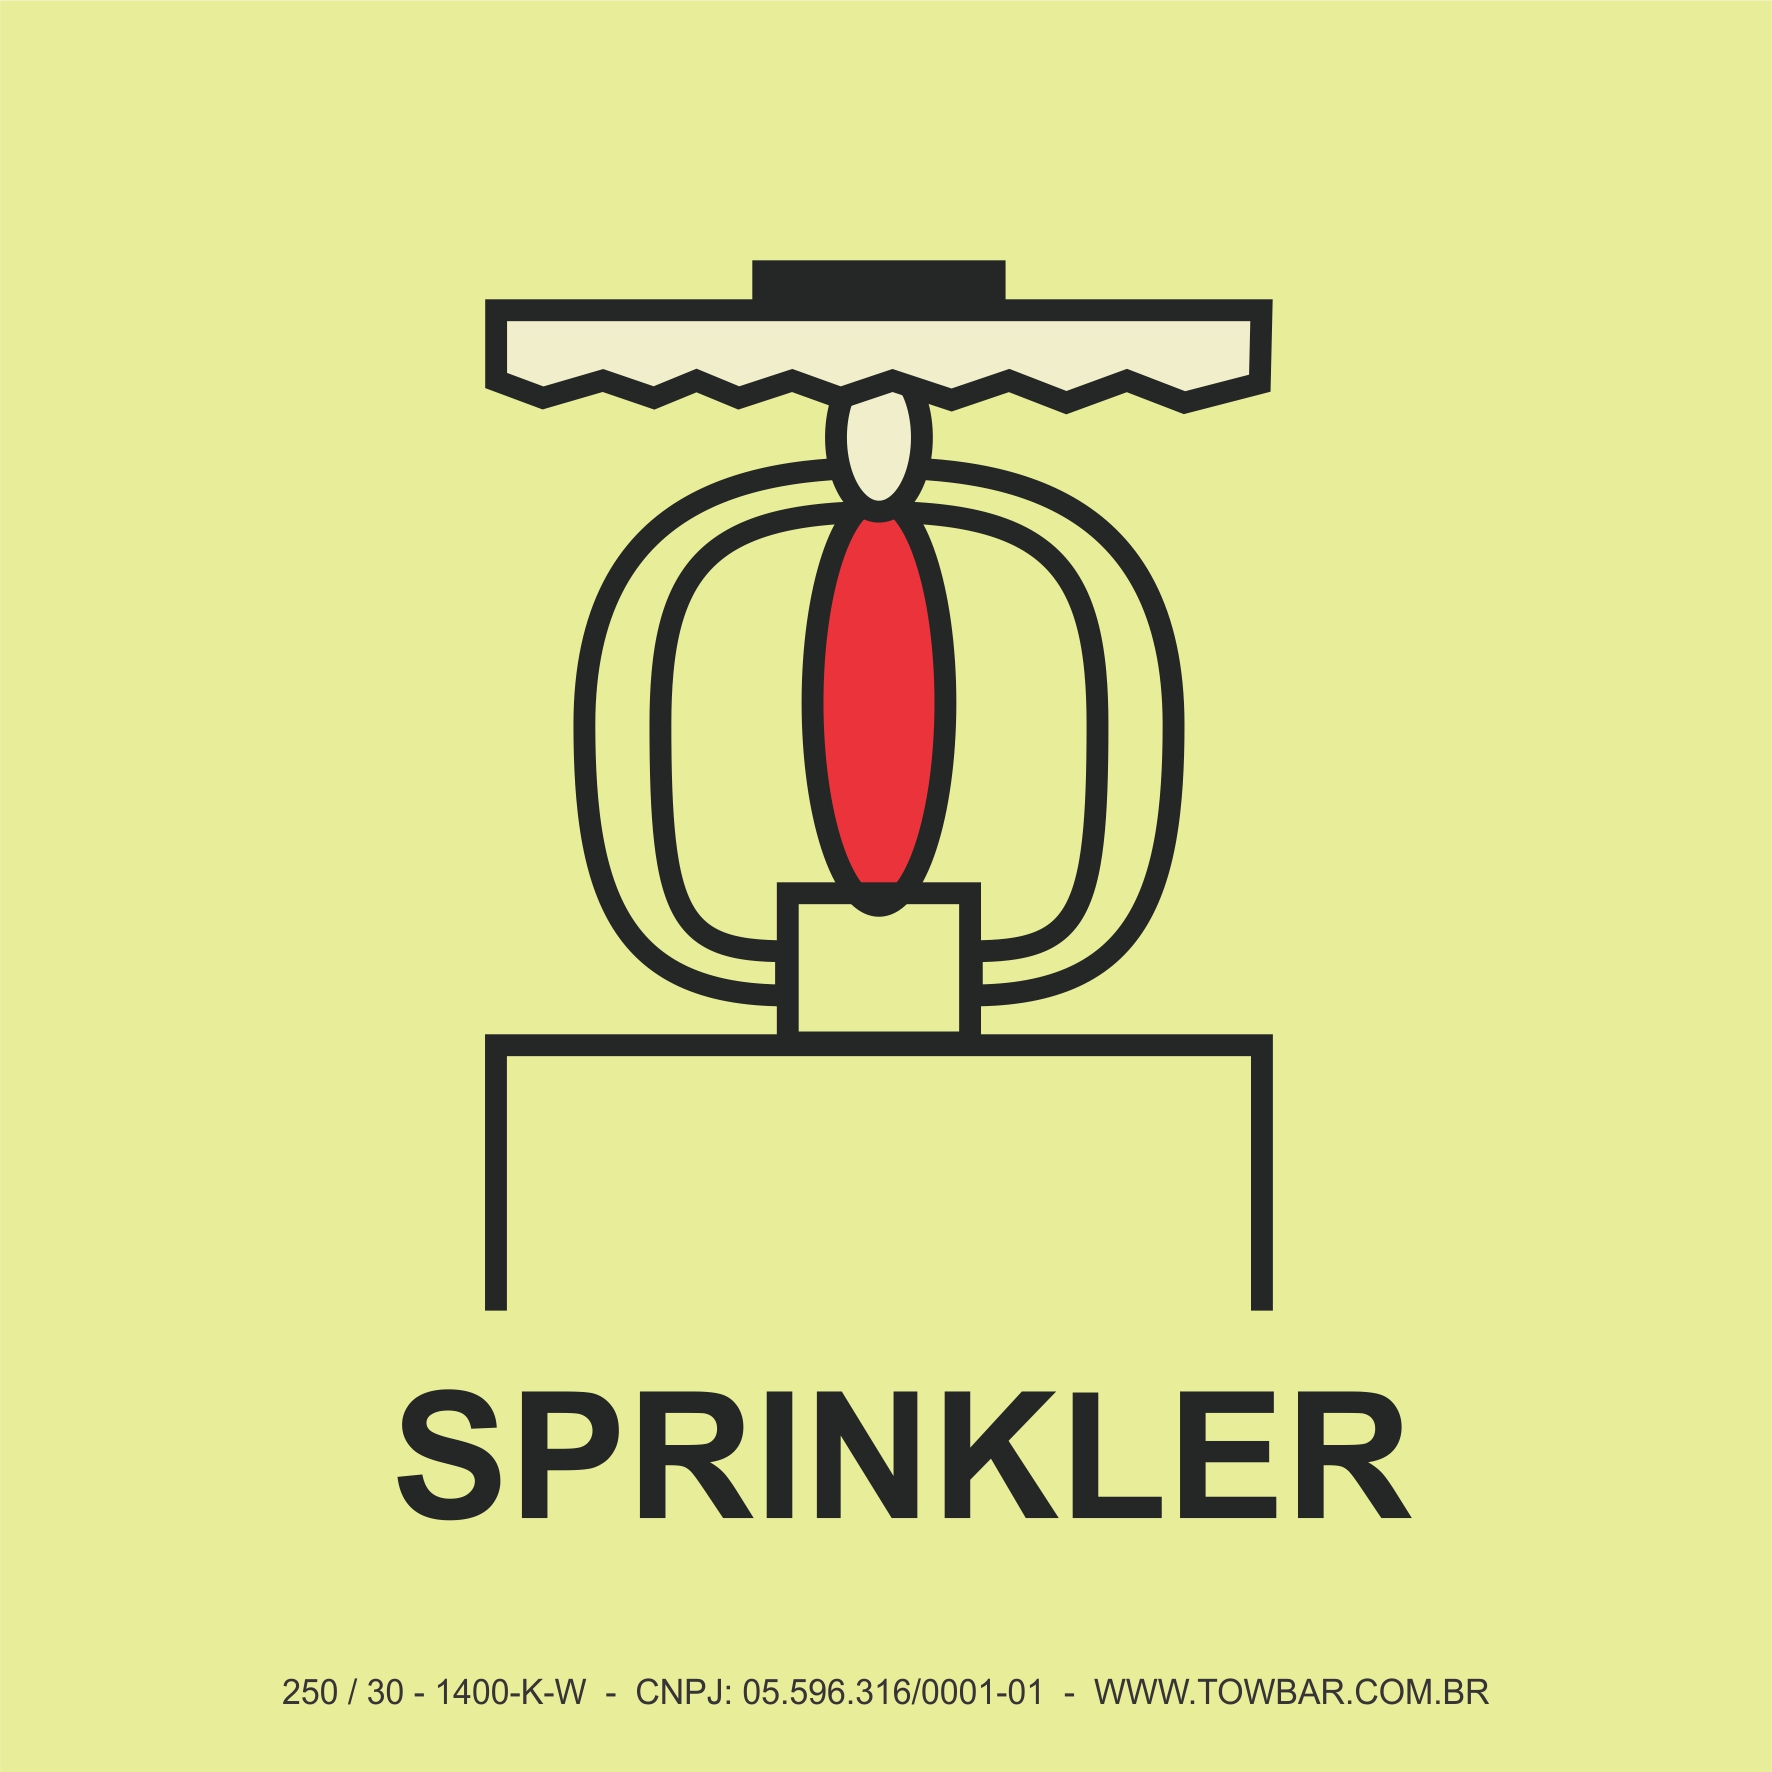 Espaço Protegido com Sprinkler (Space Protected By Sprinkler)  - Towbar Sinalização de Segurança